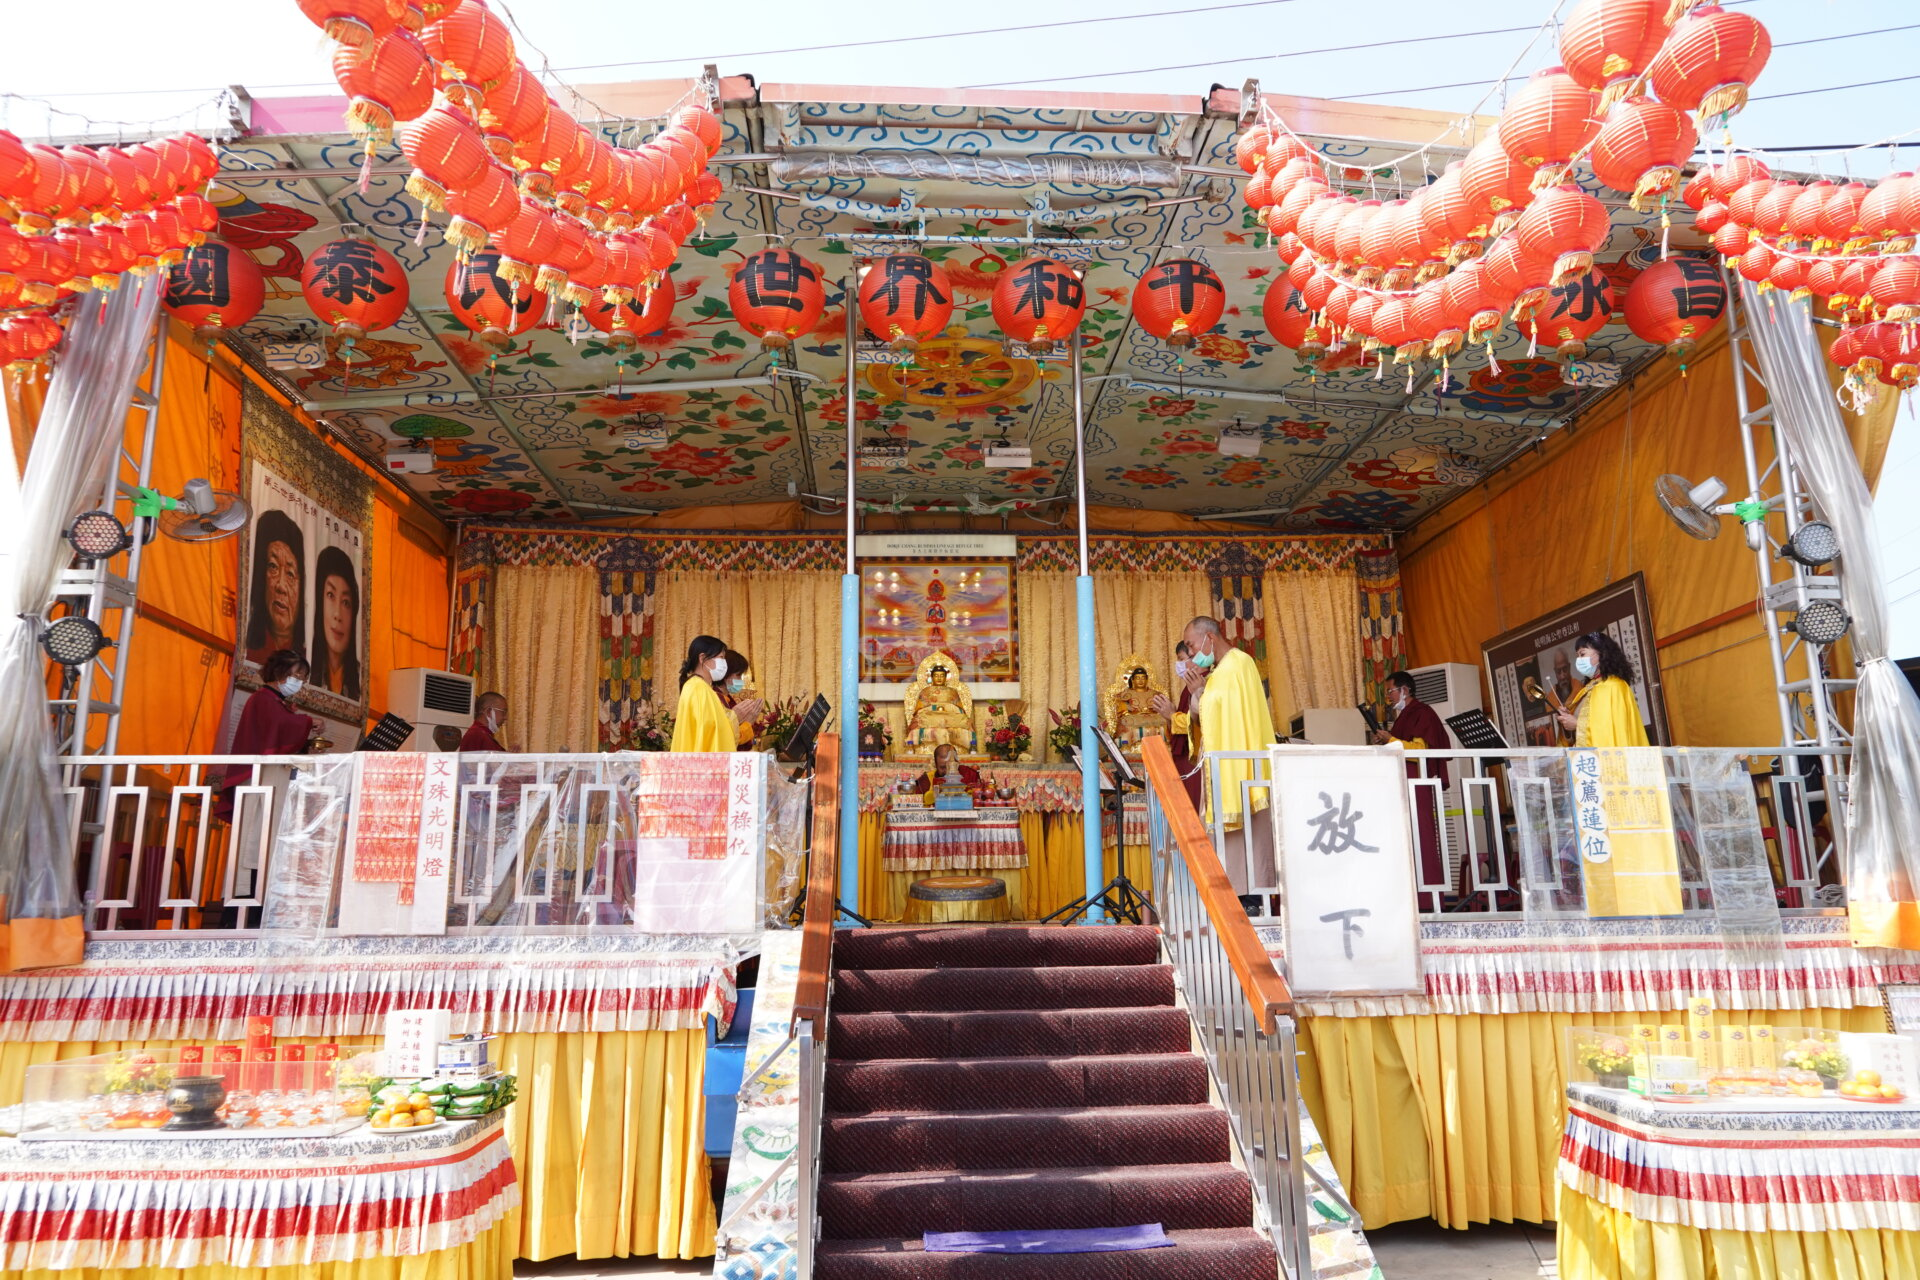 行動佛殿121站台南北門,信眾齊心誦經